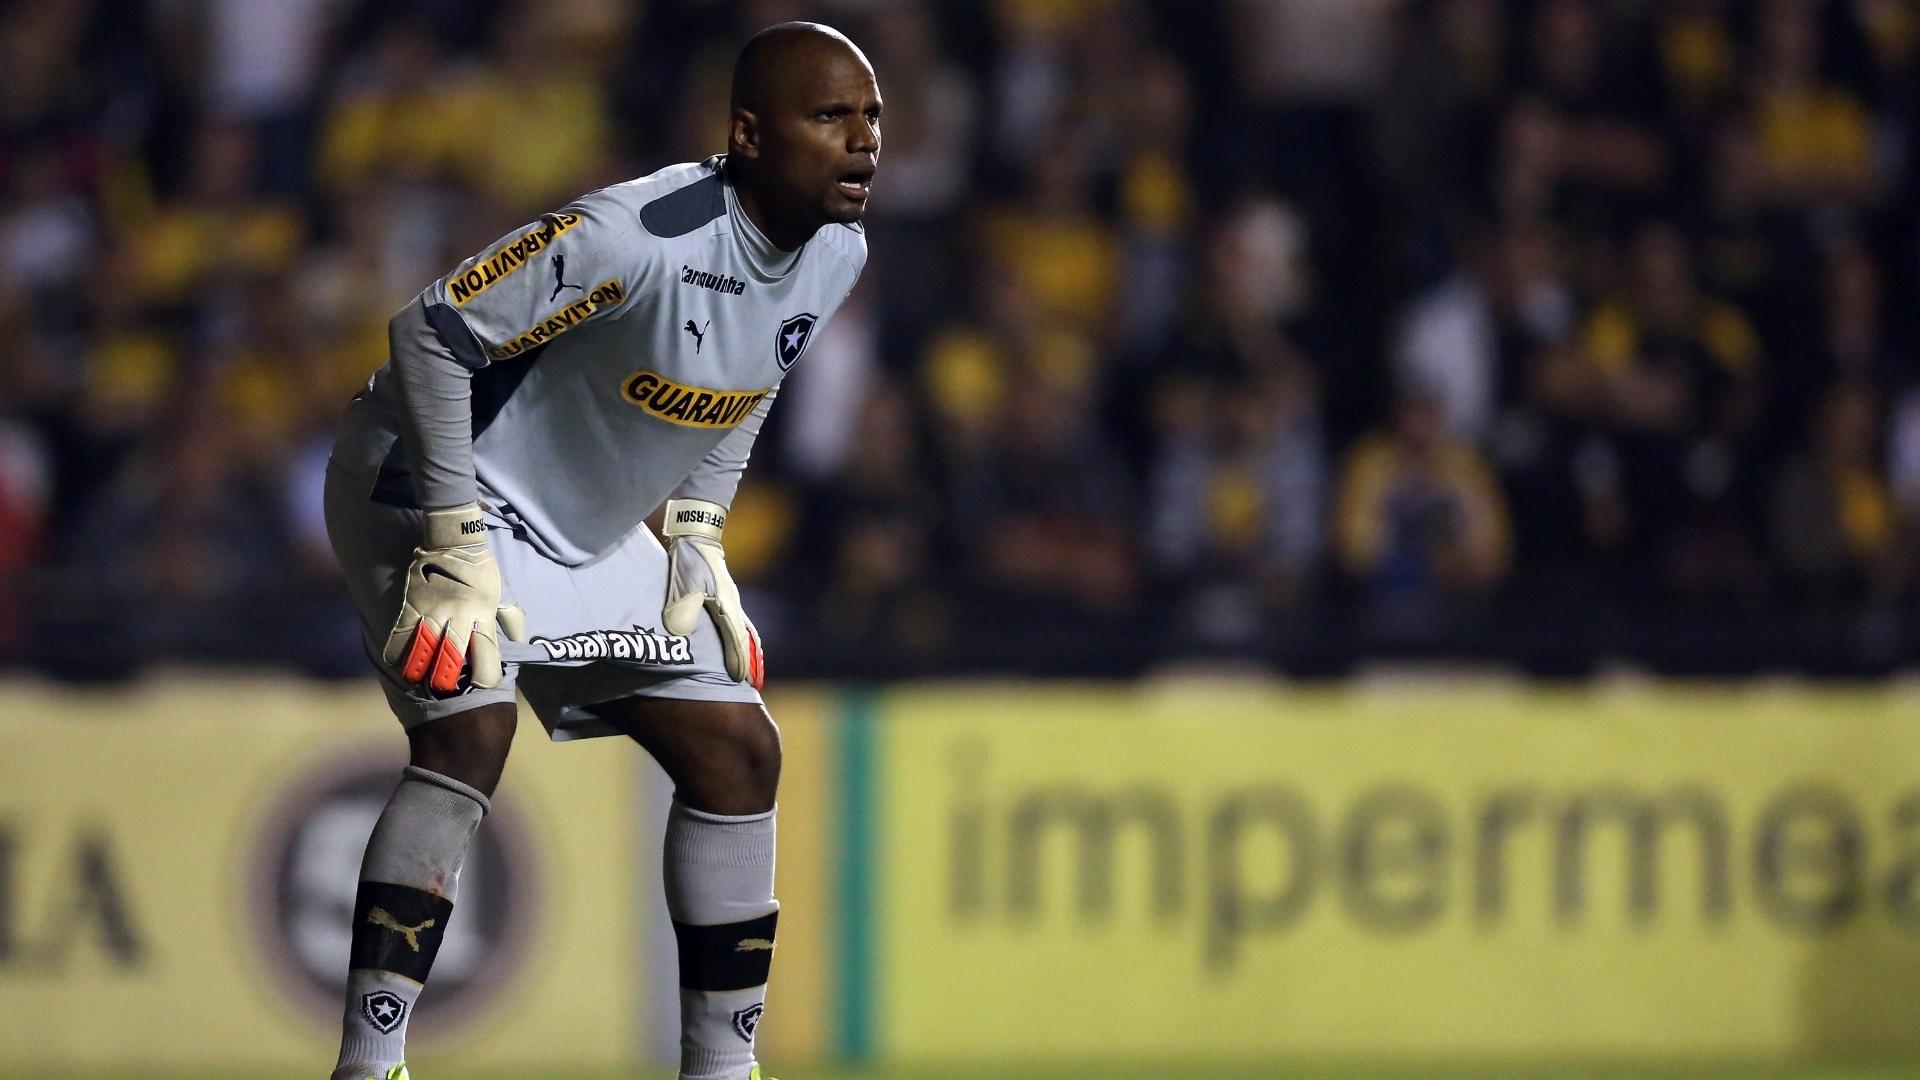 20.set. 2014 - Goleiro Jefferson se posiciona para defender a meta do Botafogo, contra o Criciúma, pelo Campeonato Brasileiro